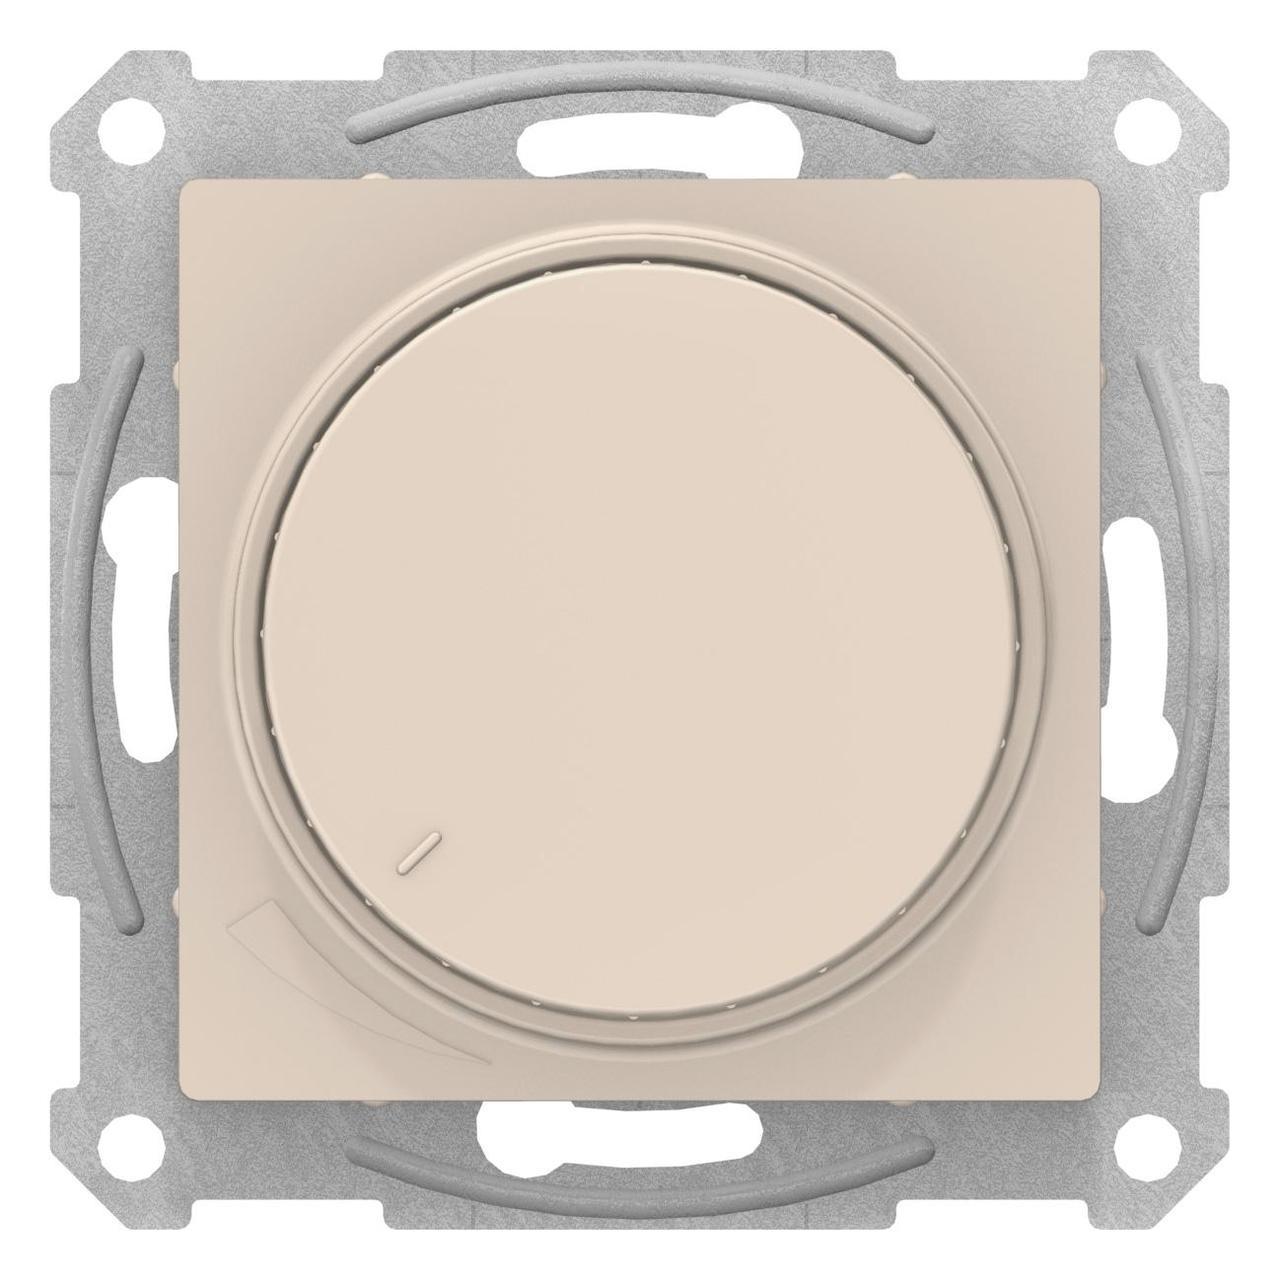 Диммер поворотно-нажимной , 300Вт для ламп накаливания , Бежевый, серия Atlas Design, Schneider Electric